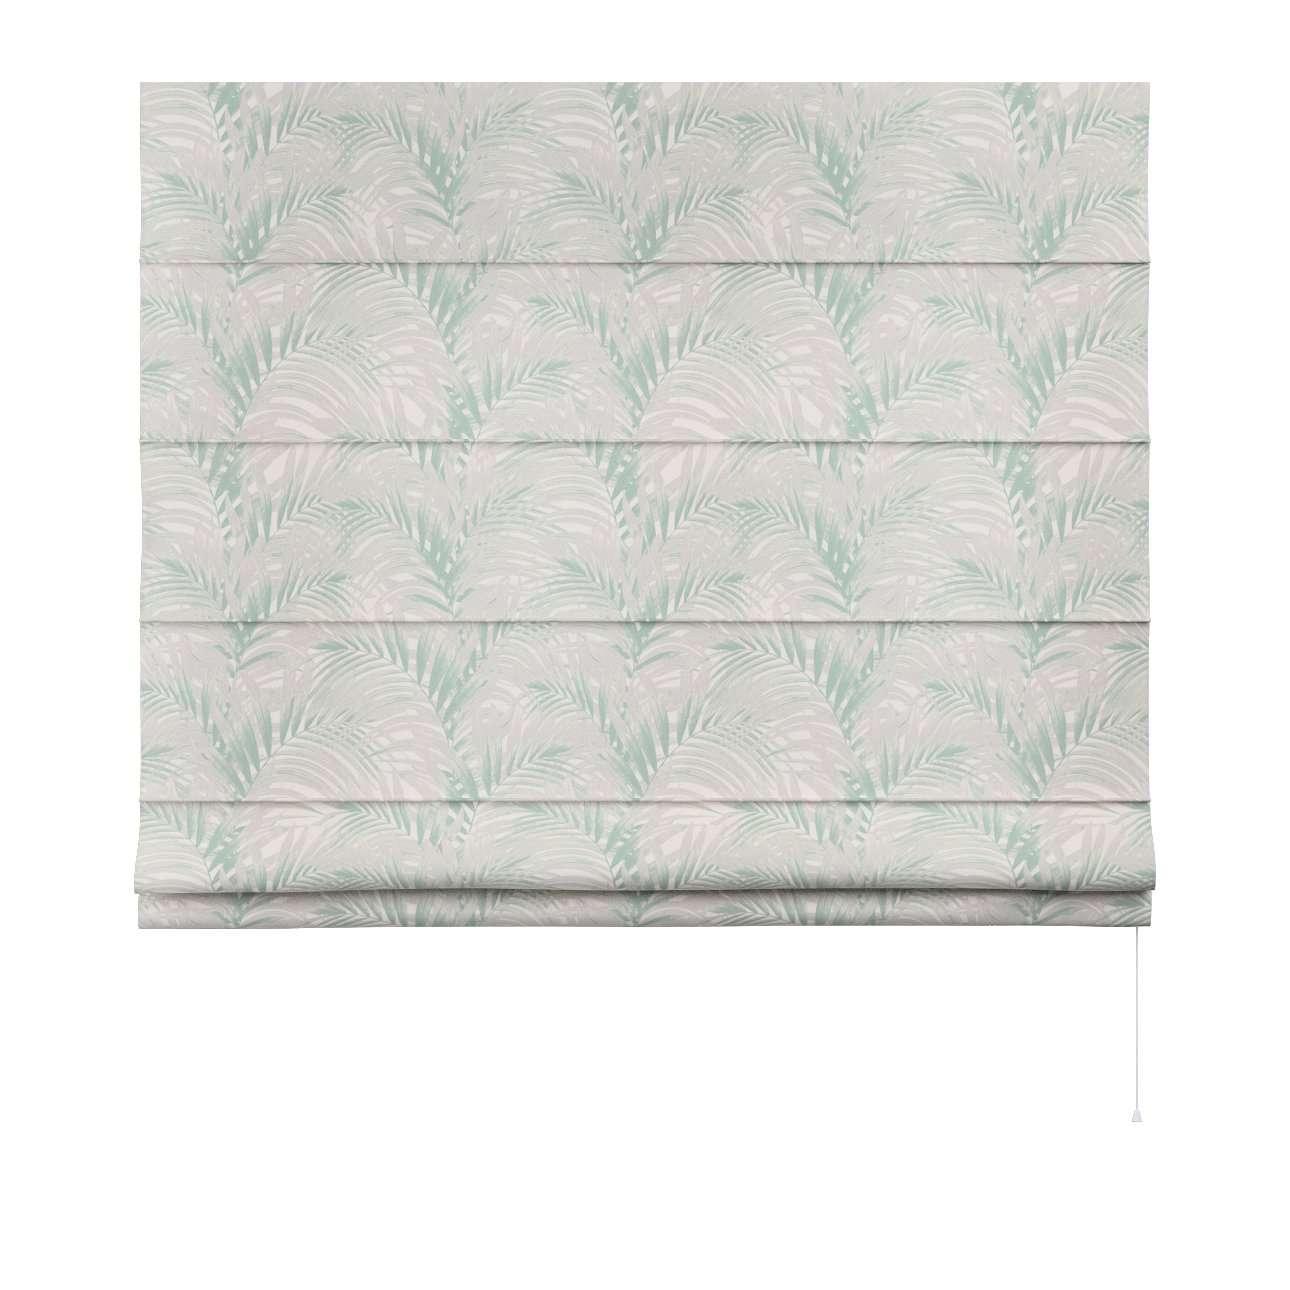 Roleta rzymska Capri w kolekcji Gardenia, tkanina: 142-15